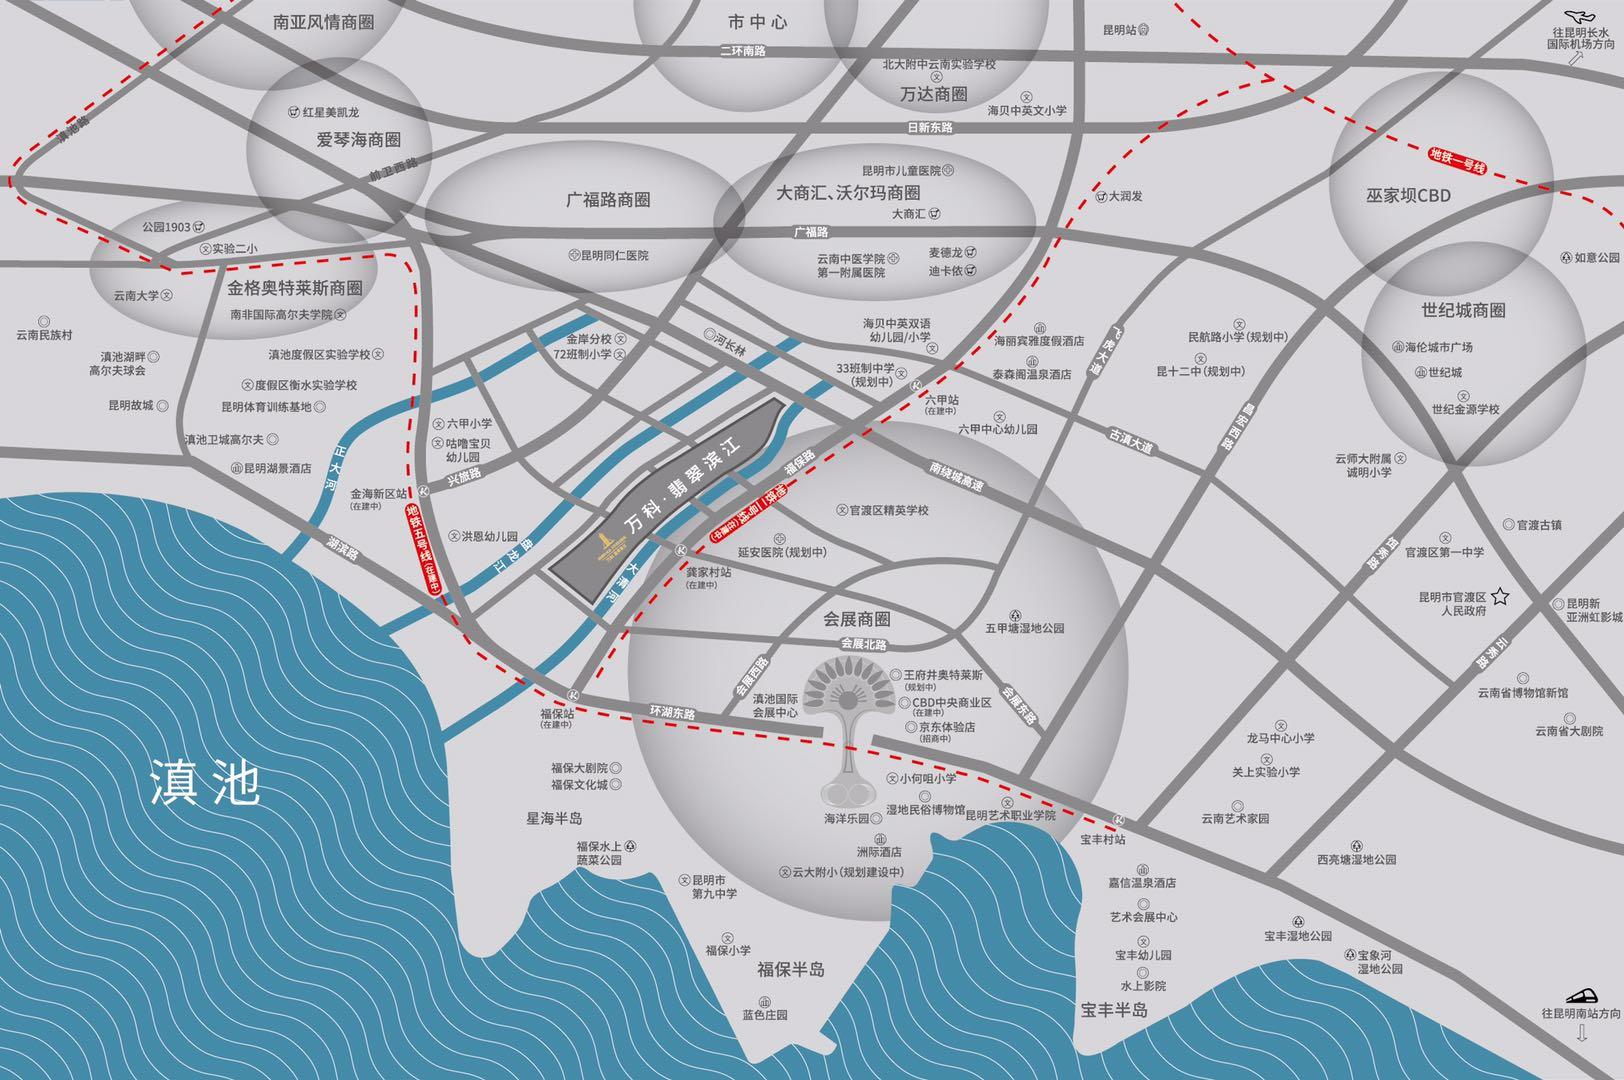 万科翡翠滨江区位图